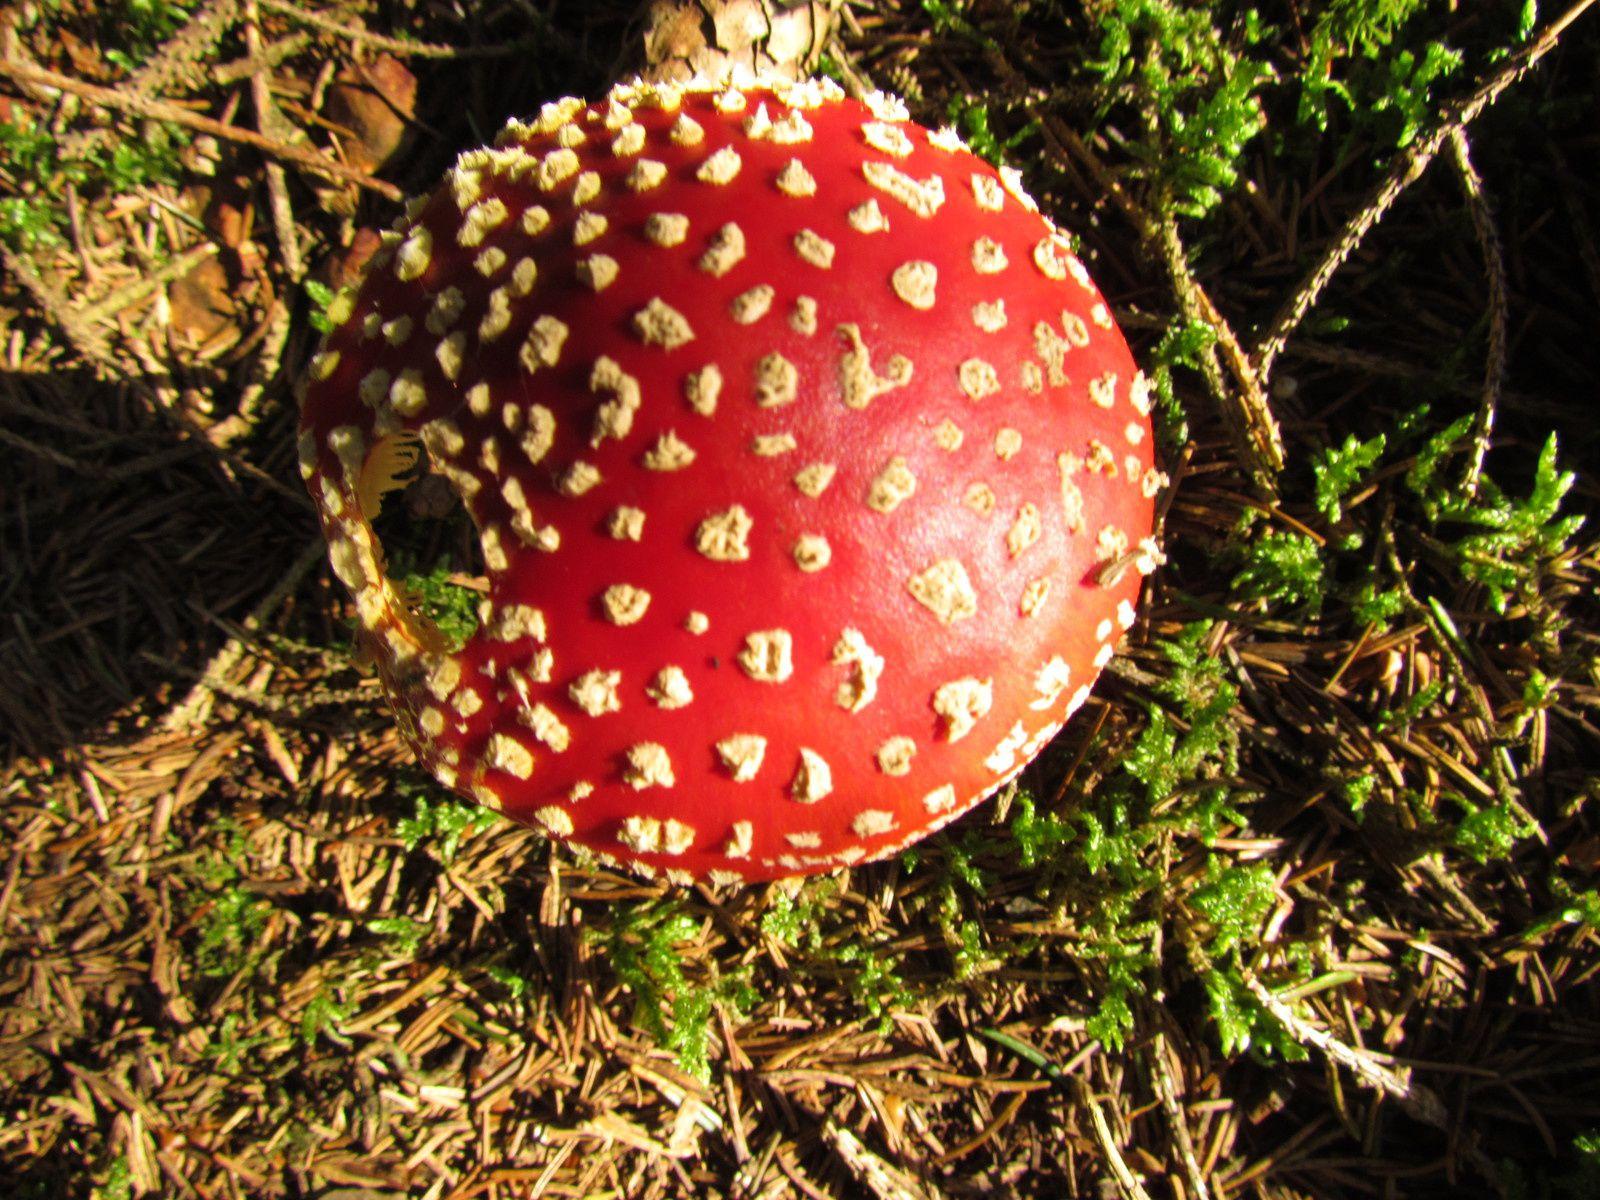 Balade champignons et leur donner un nom.